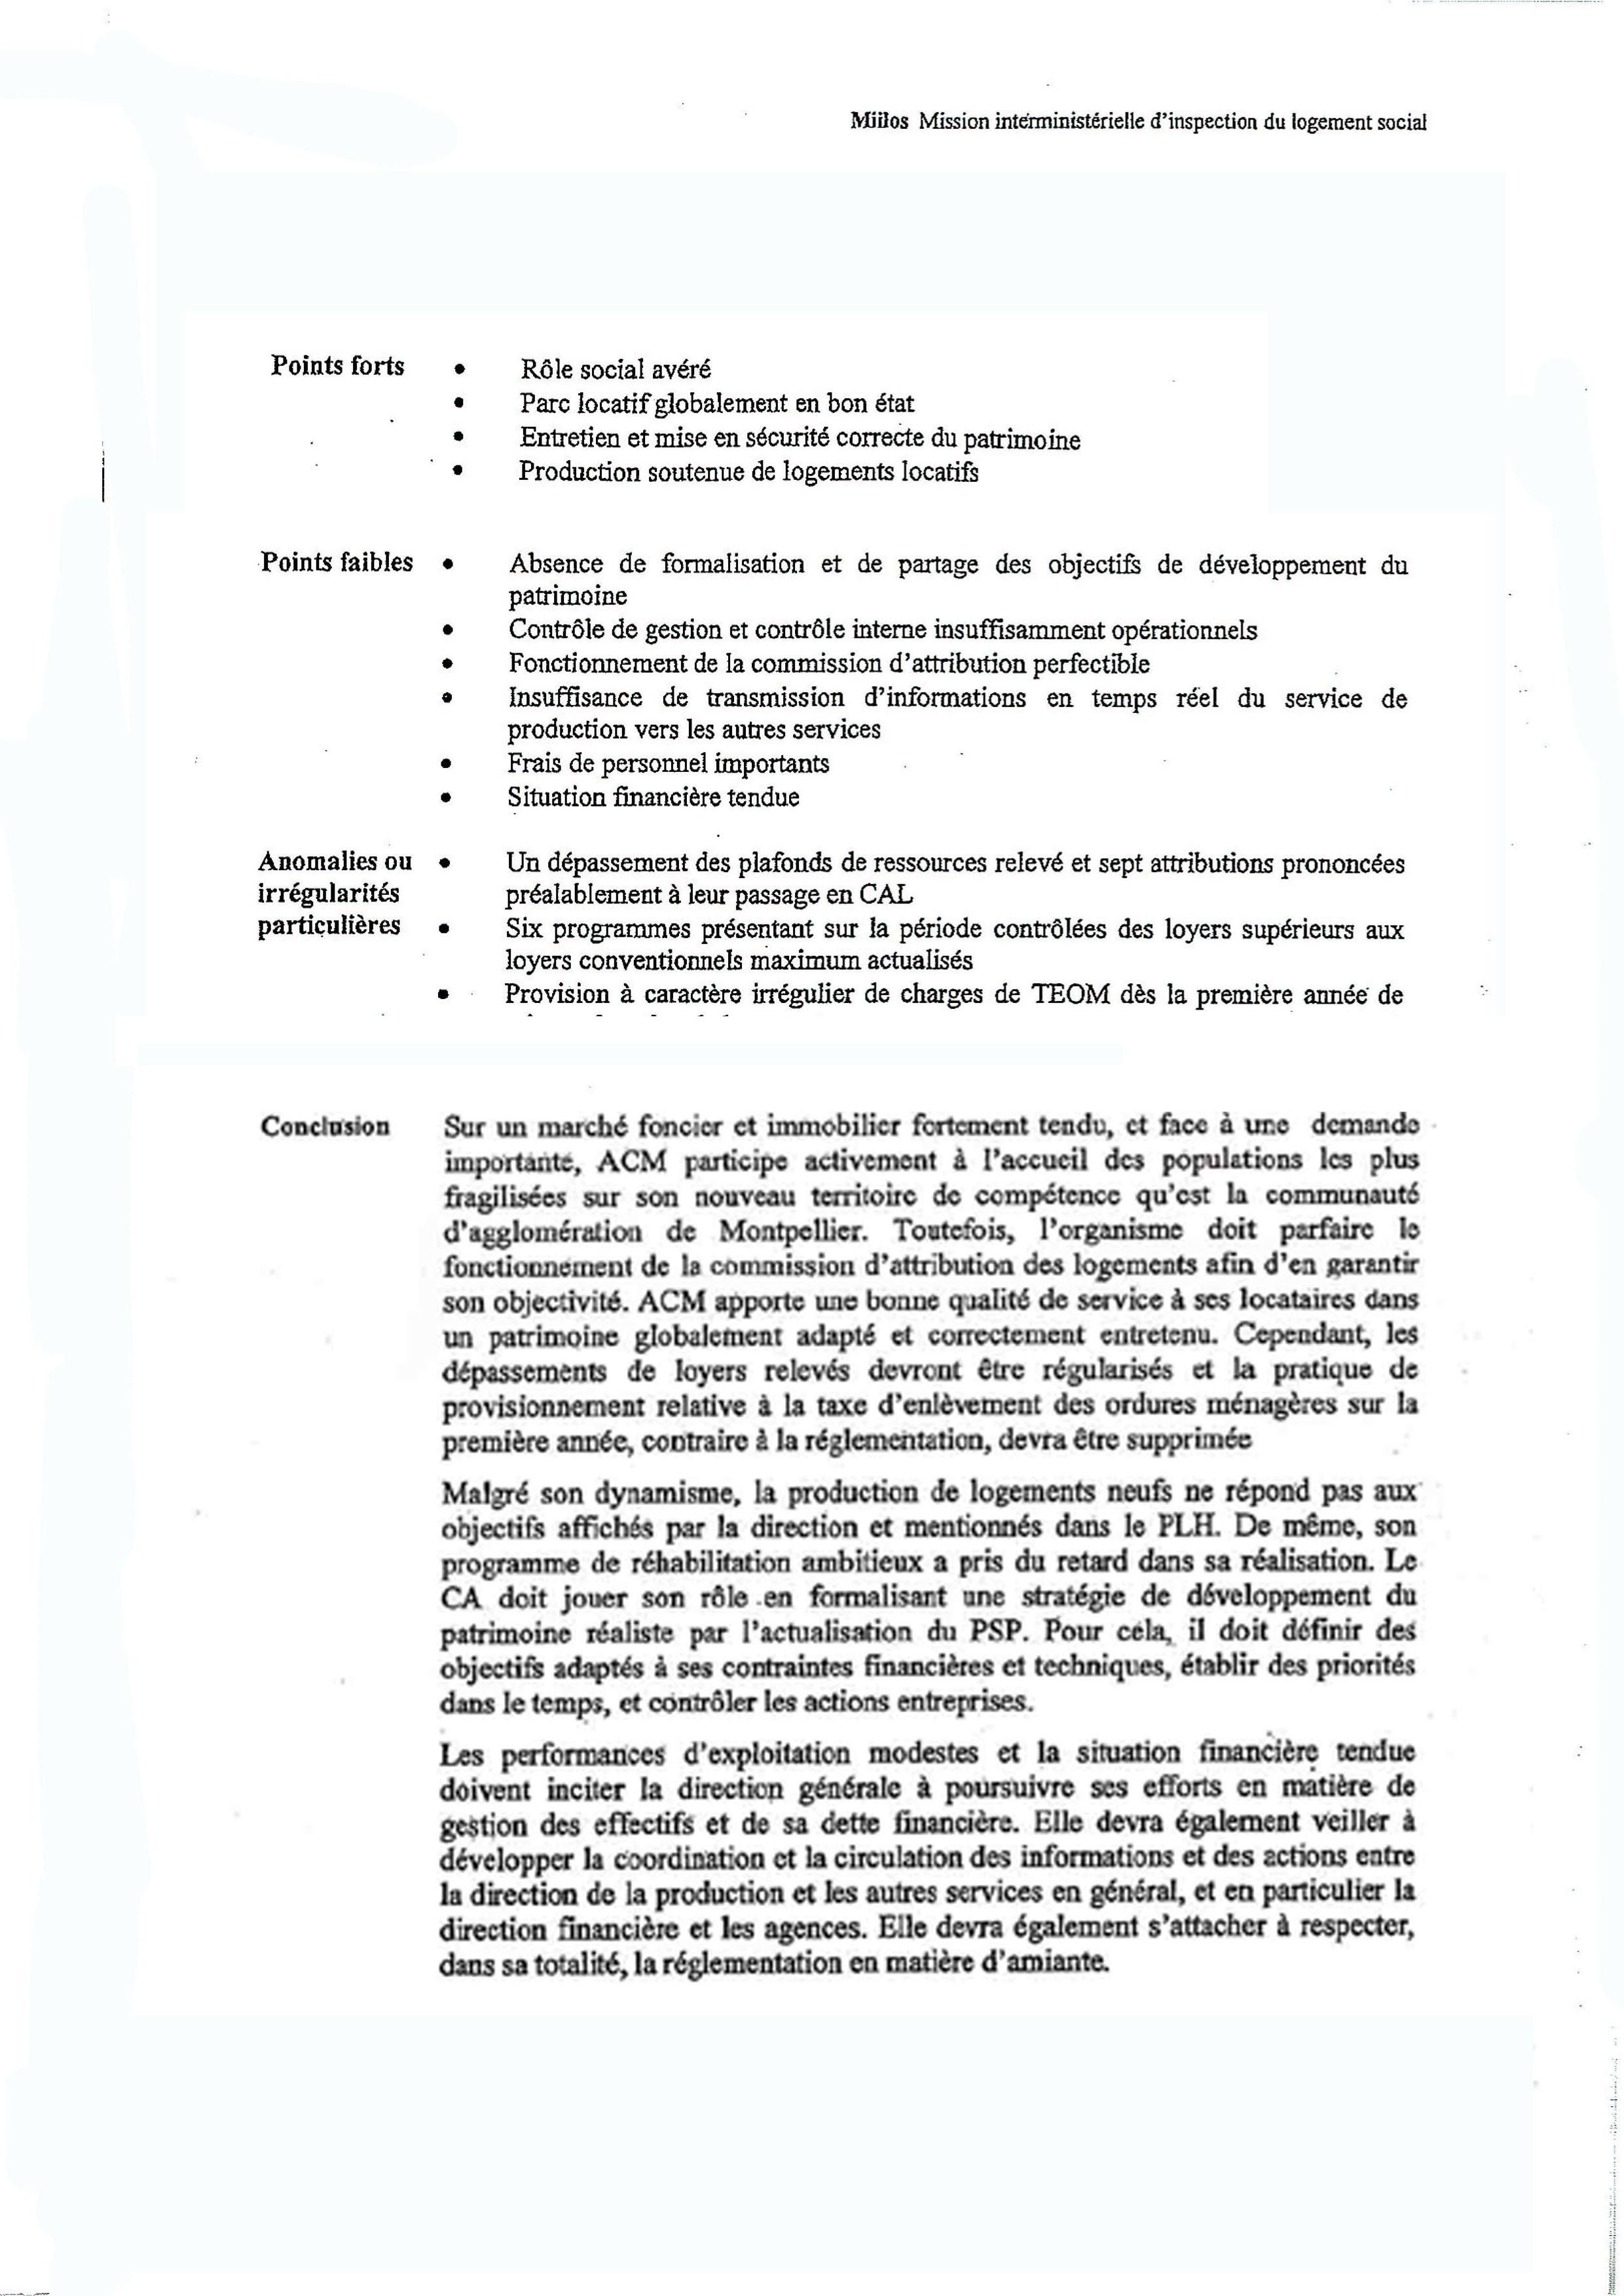 Image Result For Acm Montpellier Bureau De La Demande